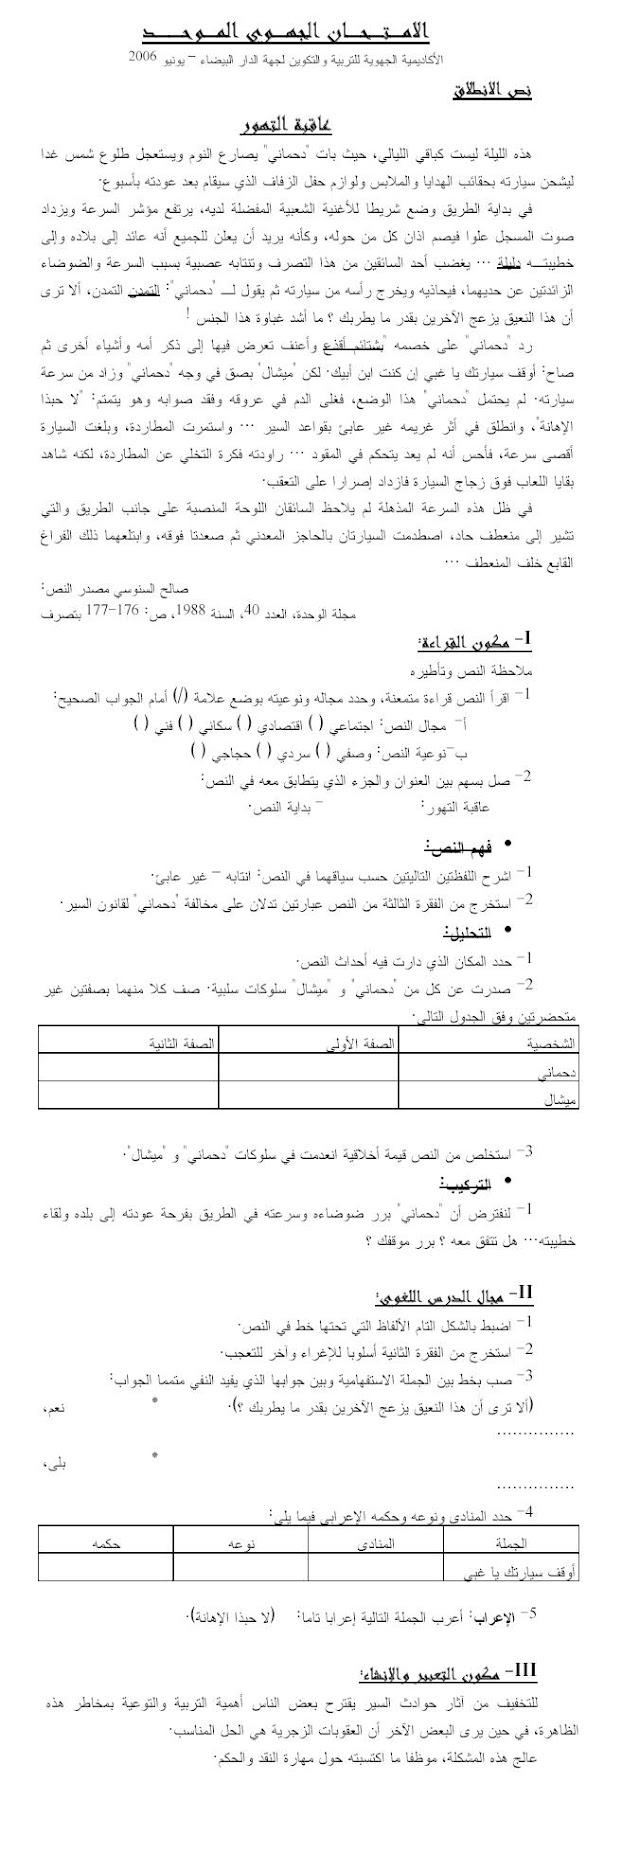 الامتحان الجهوي الموحد مادة اللغة العربية جهة الدار البيضاء –دورة  يونيو 2006